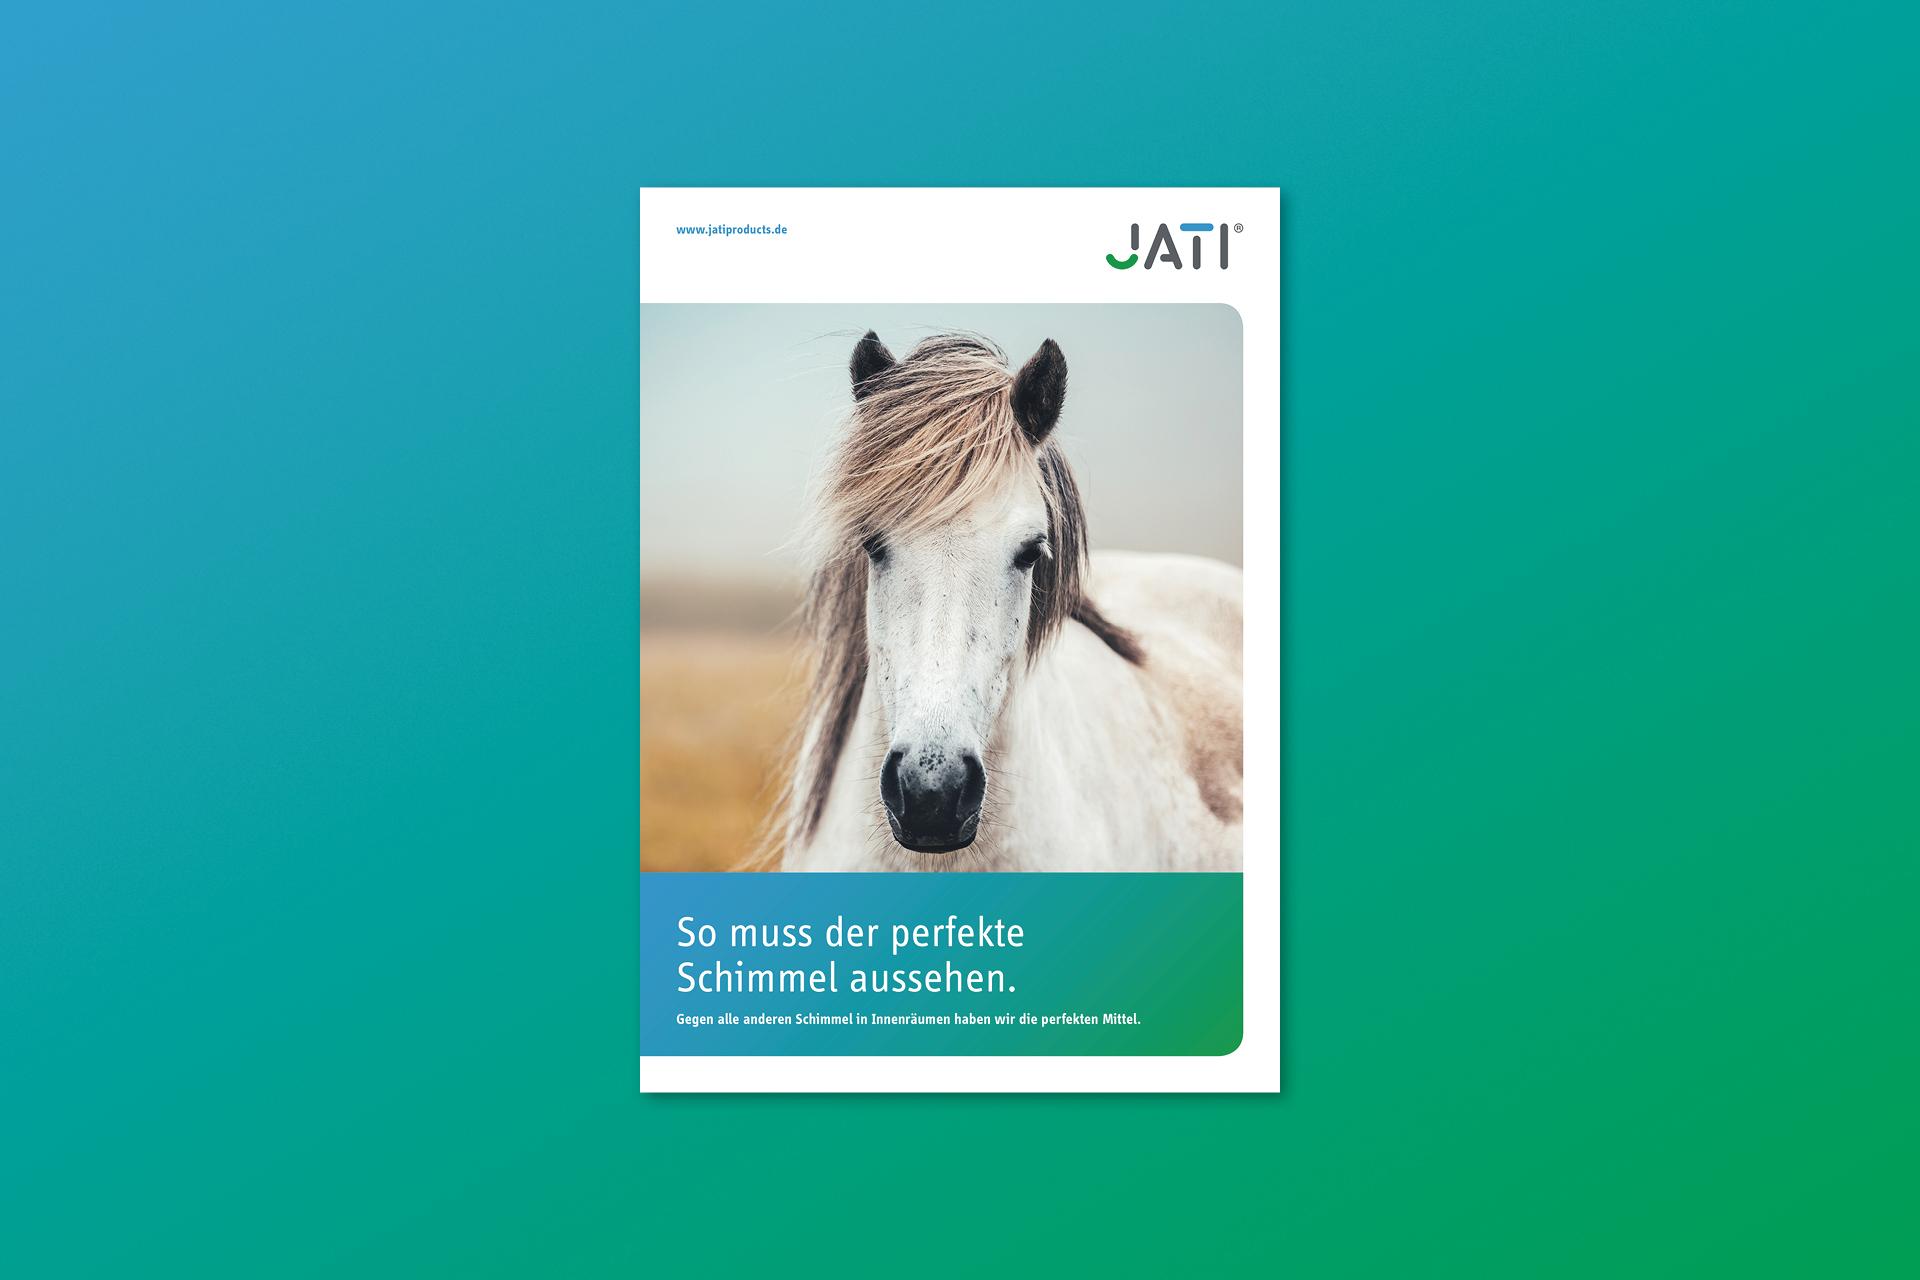 jati produktbroschuere 01 - Dem Schimmel sei Dank: Ein ganz frischer Markenauftritt für JATI – Corporate Design, Logoentwicklung, Grafikdesign